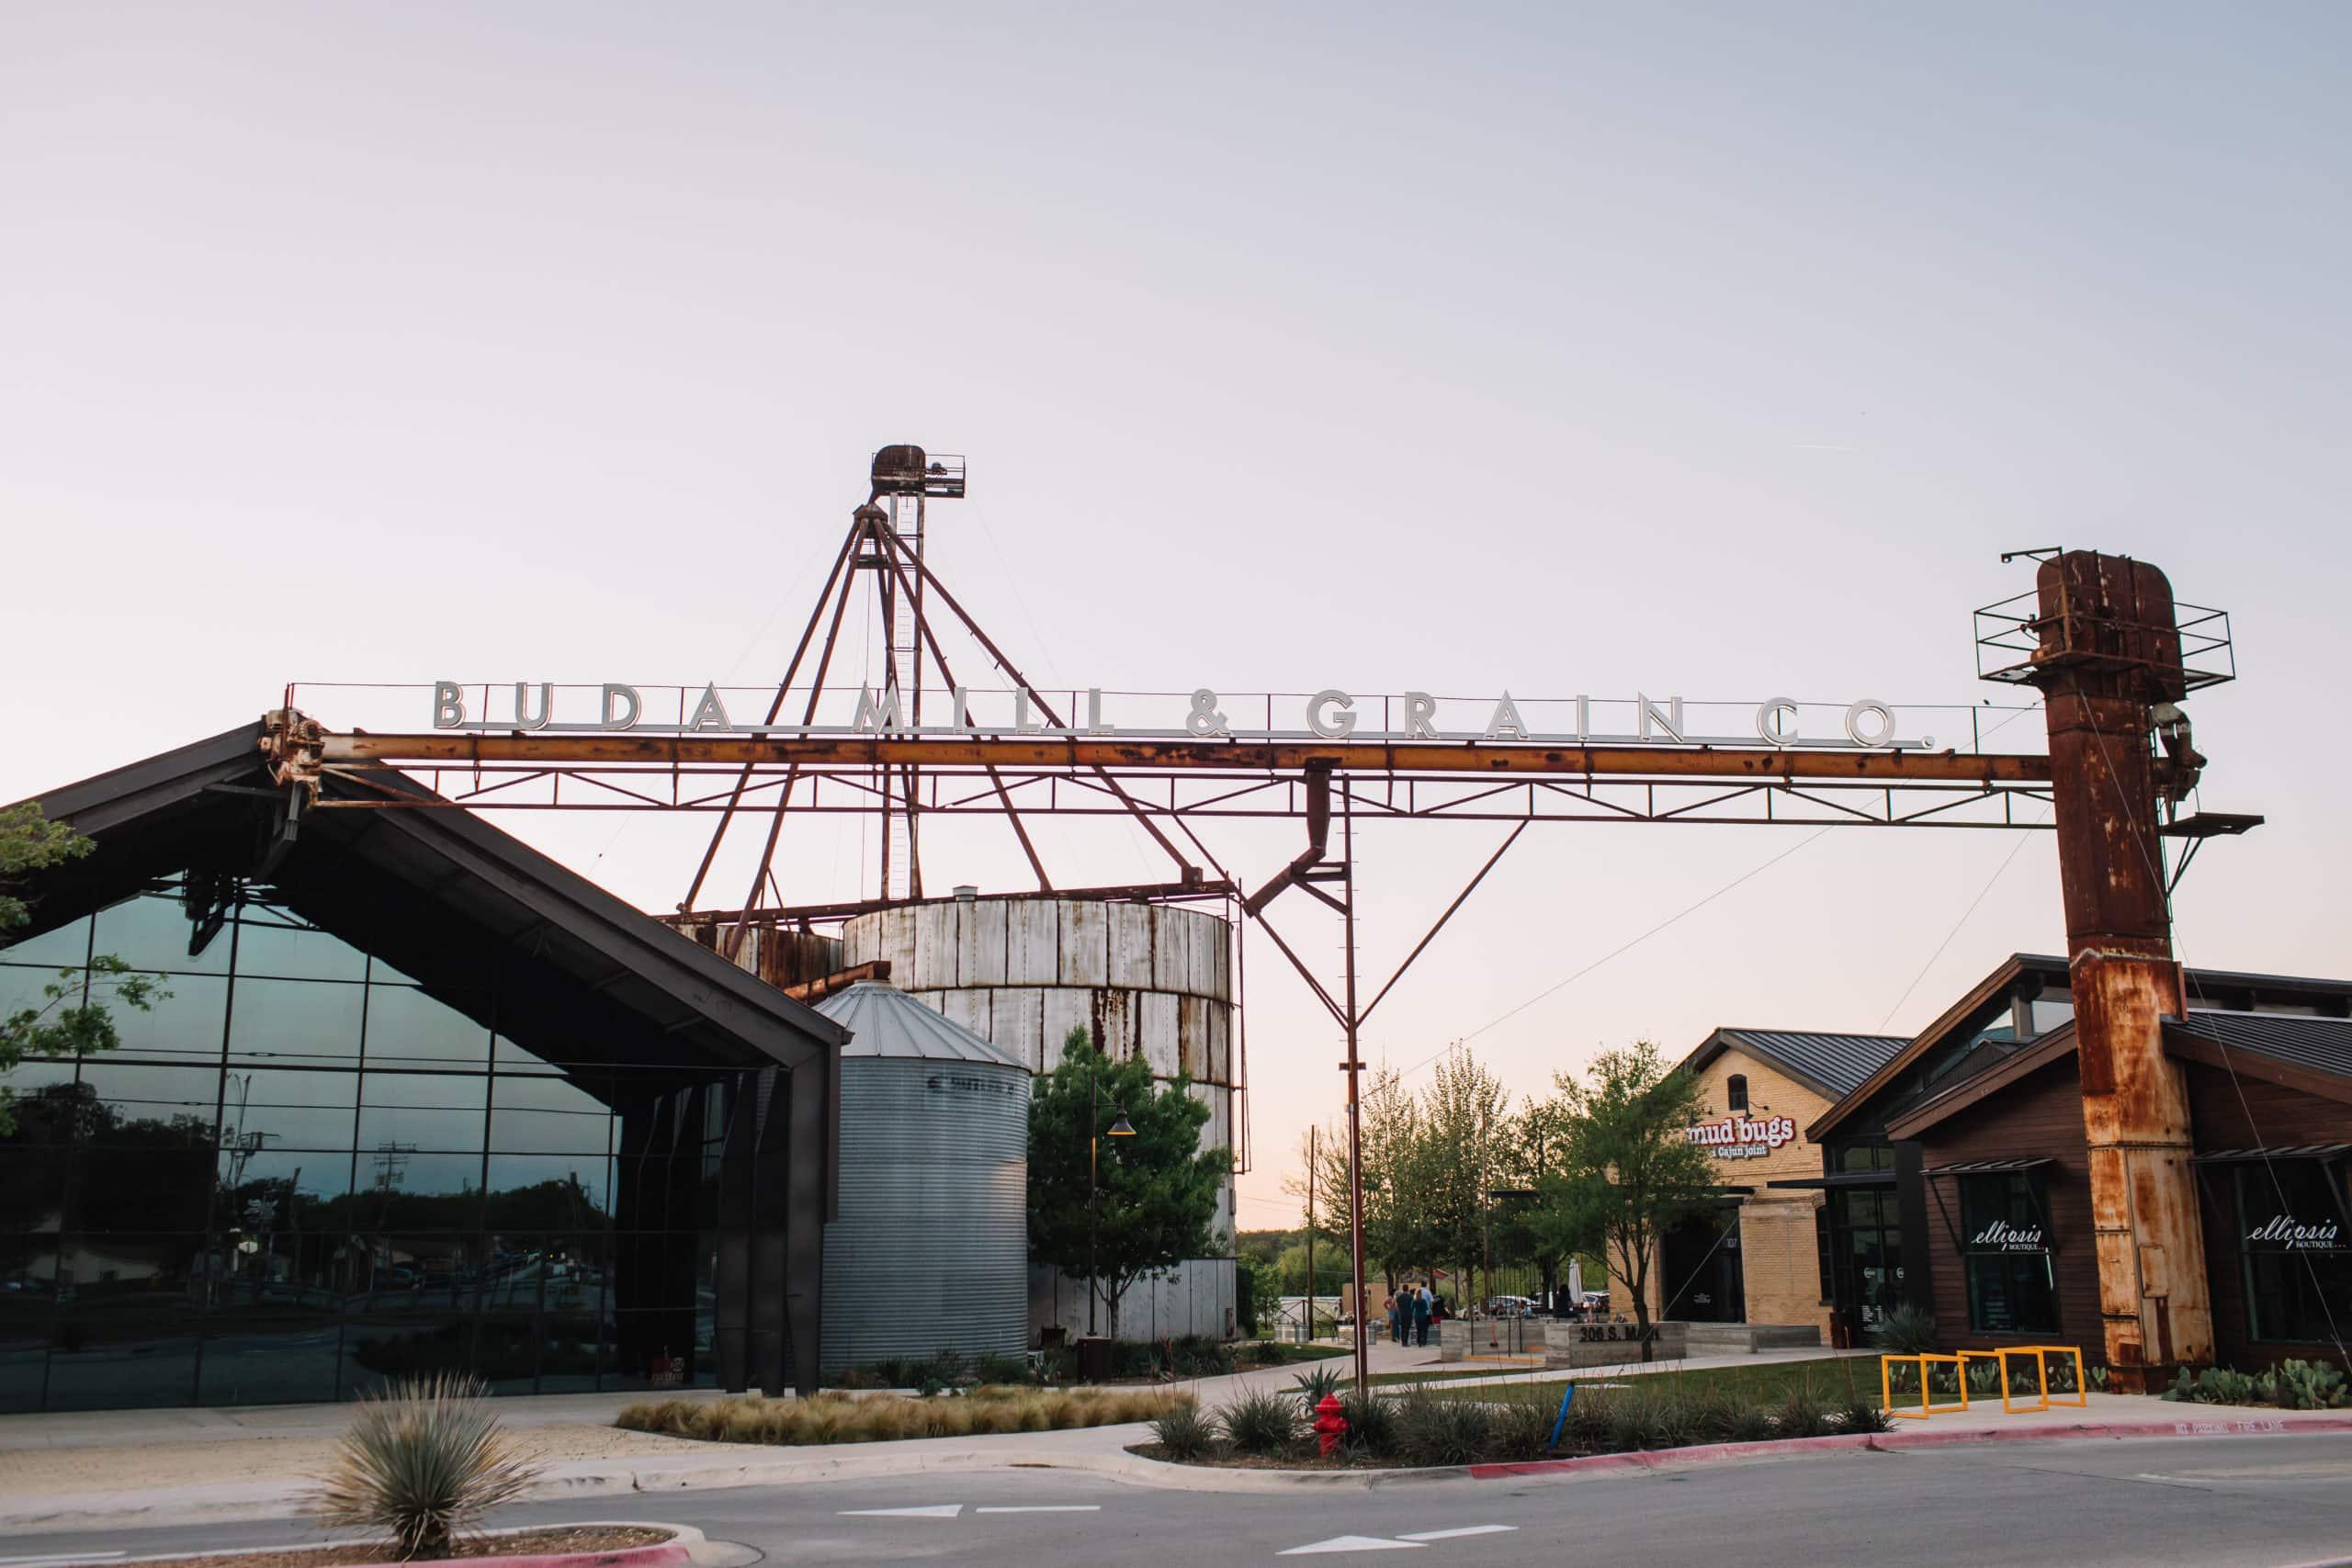 Buda Mill & Grain | Buda, Texas